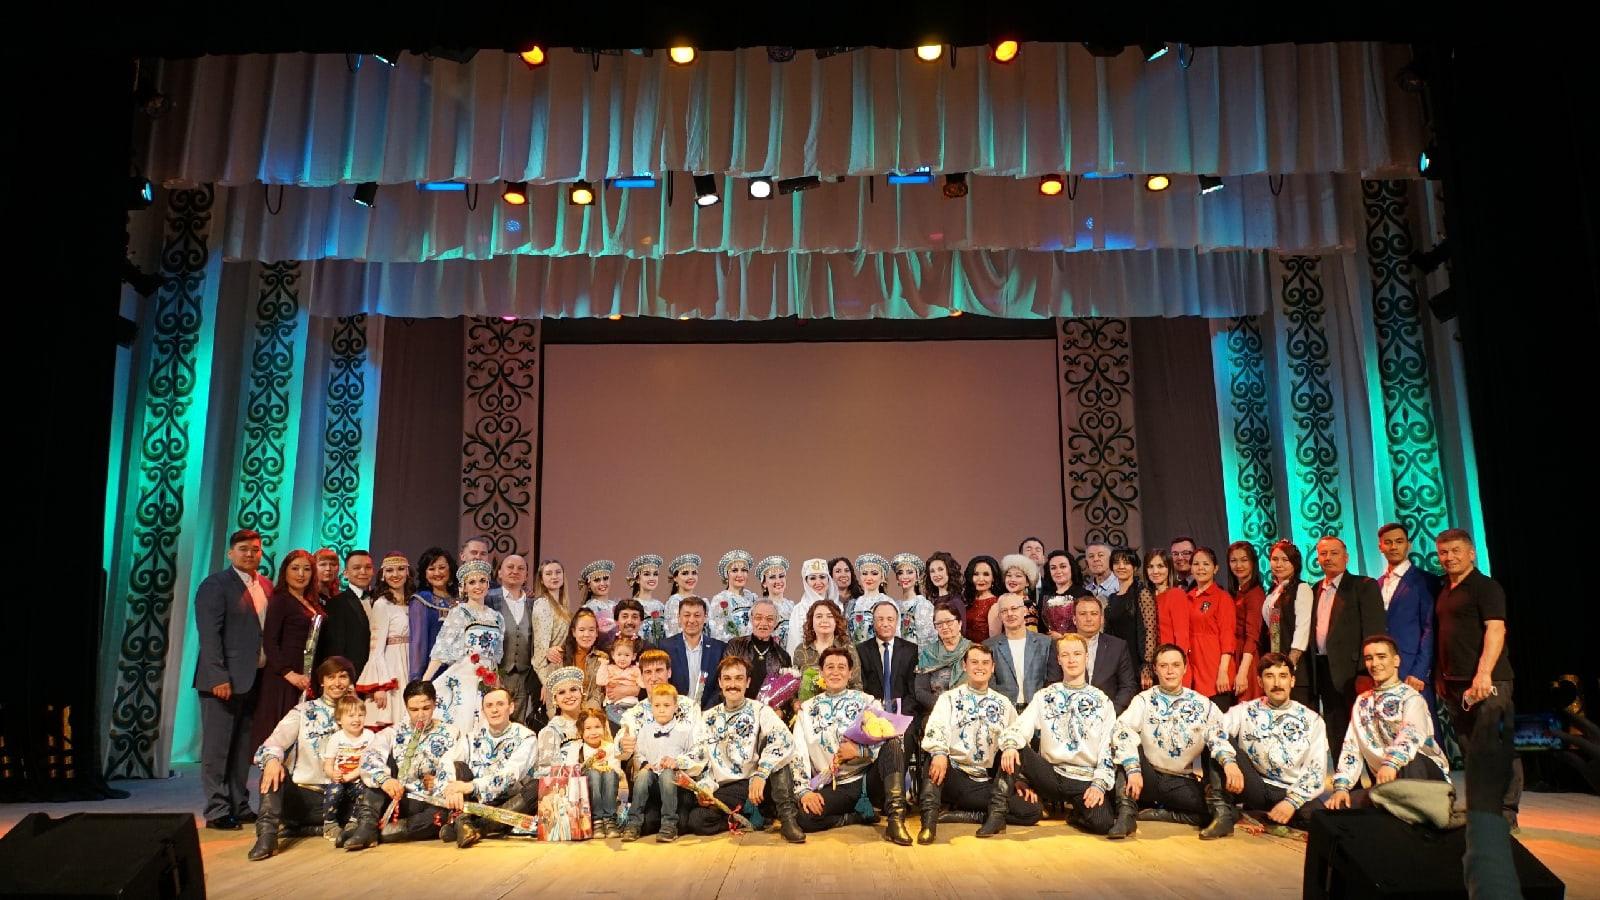 В филармонии СГТКО состоялось торжественное закрытие XXX концертного сезона